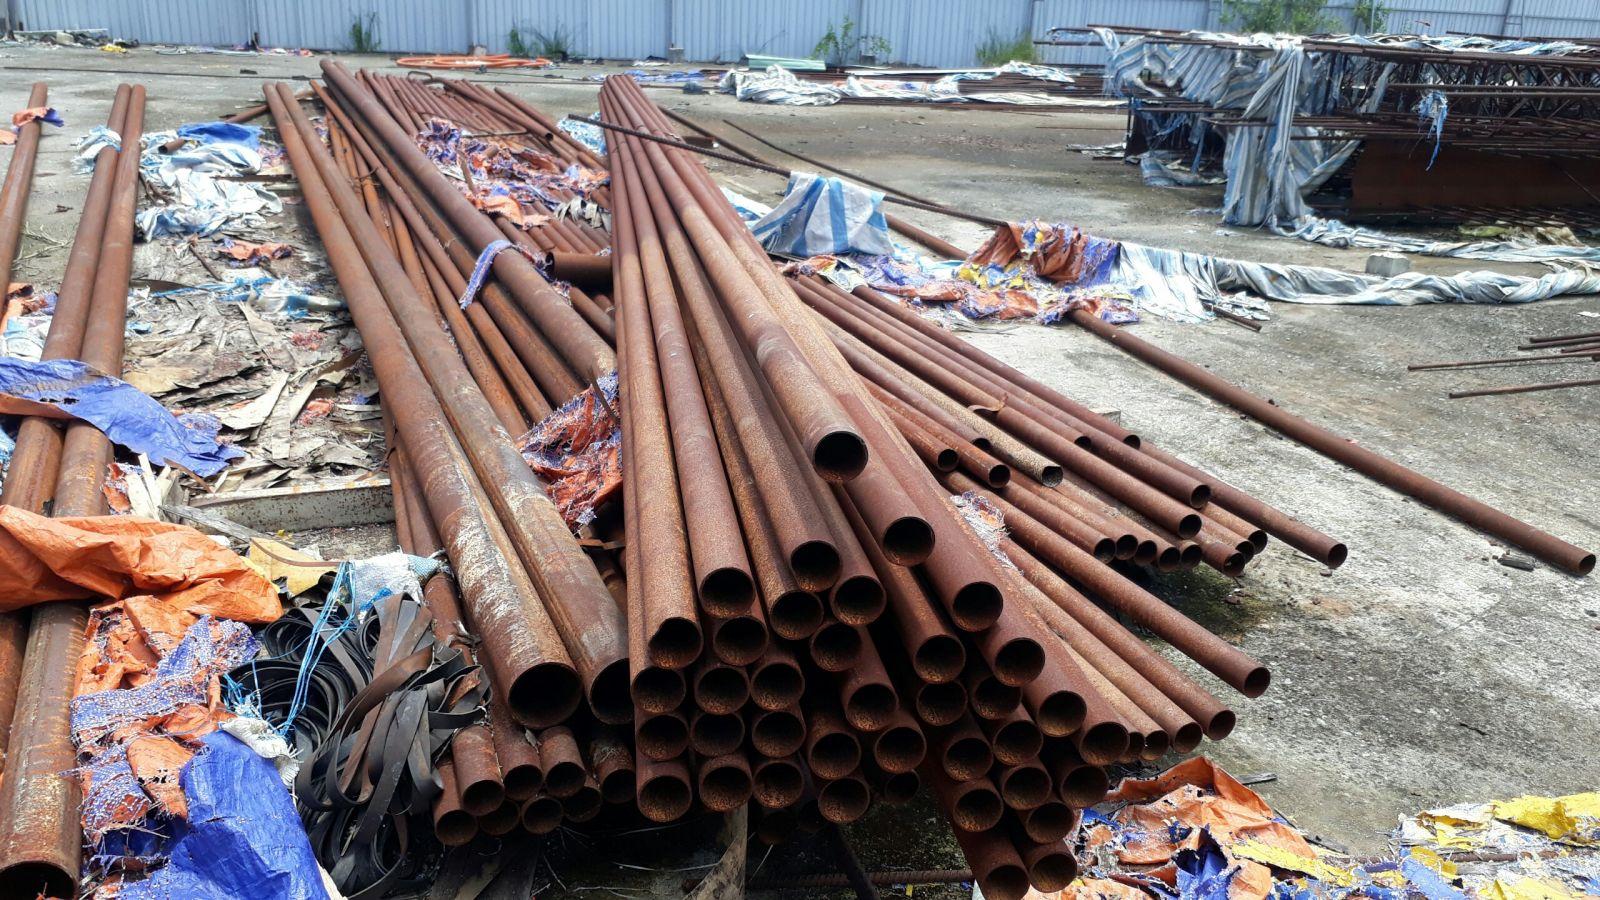 Thu mua phế liệu sắt nhôm inox đồng giá cao nhất tại Bình Dương